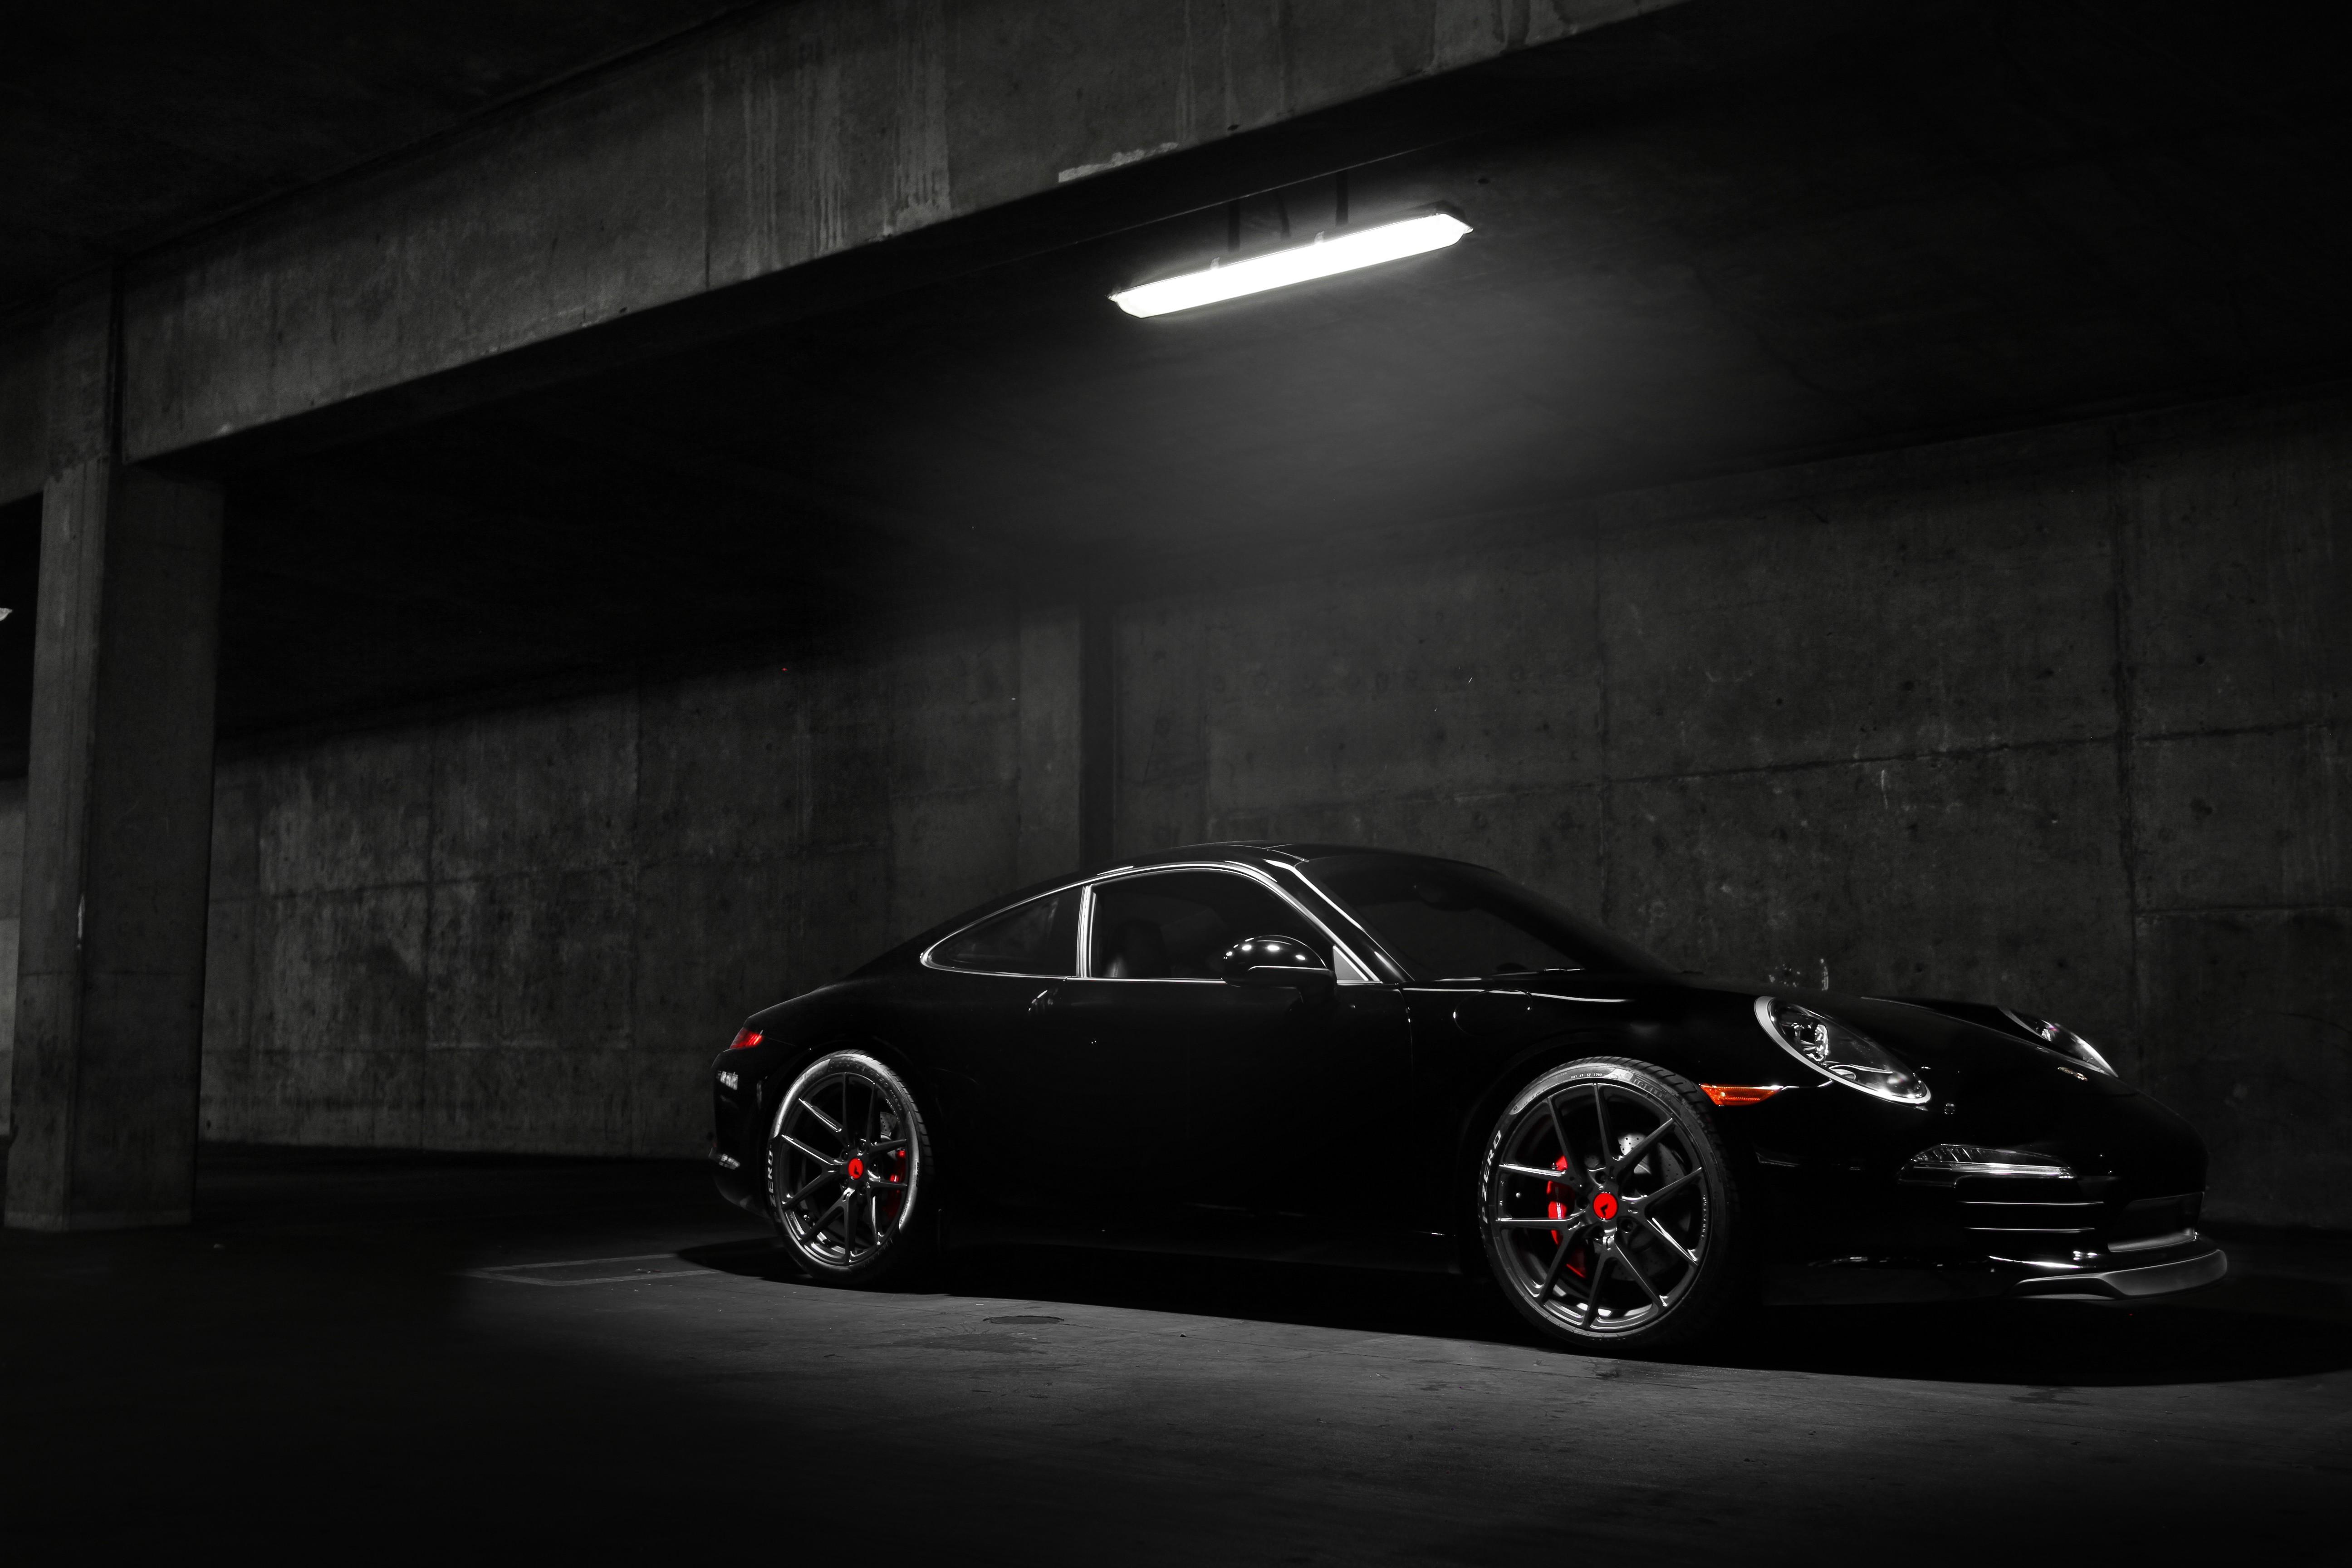 Wallpaper Photography Black Cars Porsche 911 Carrera S Porsche